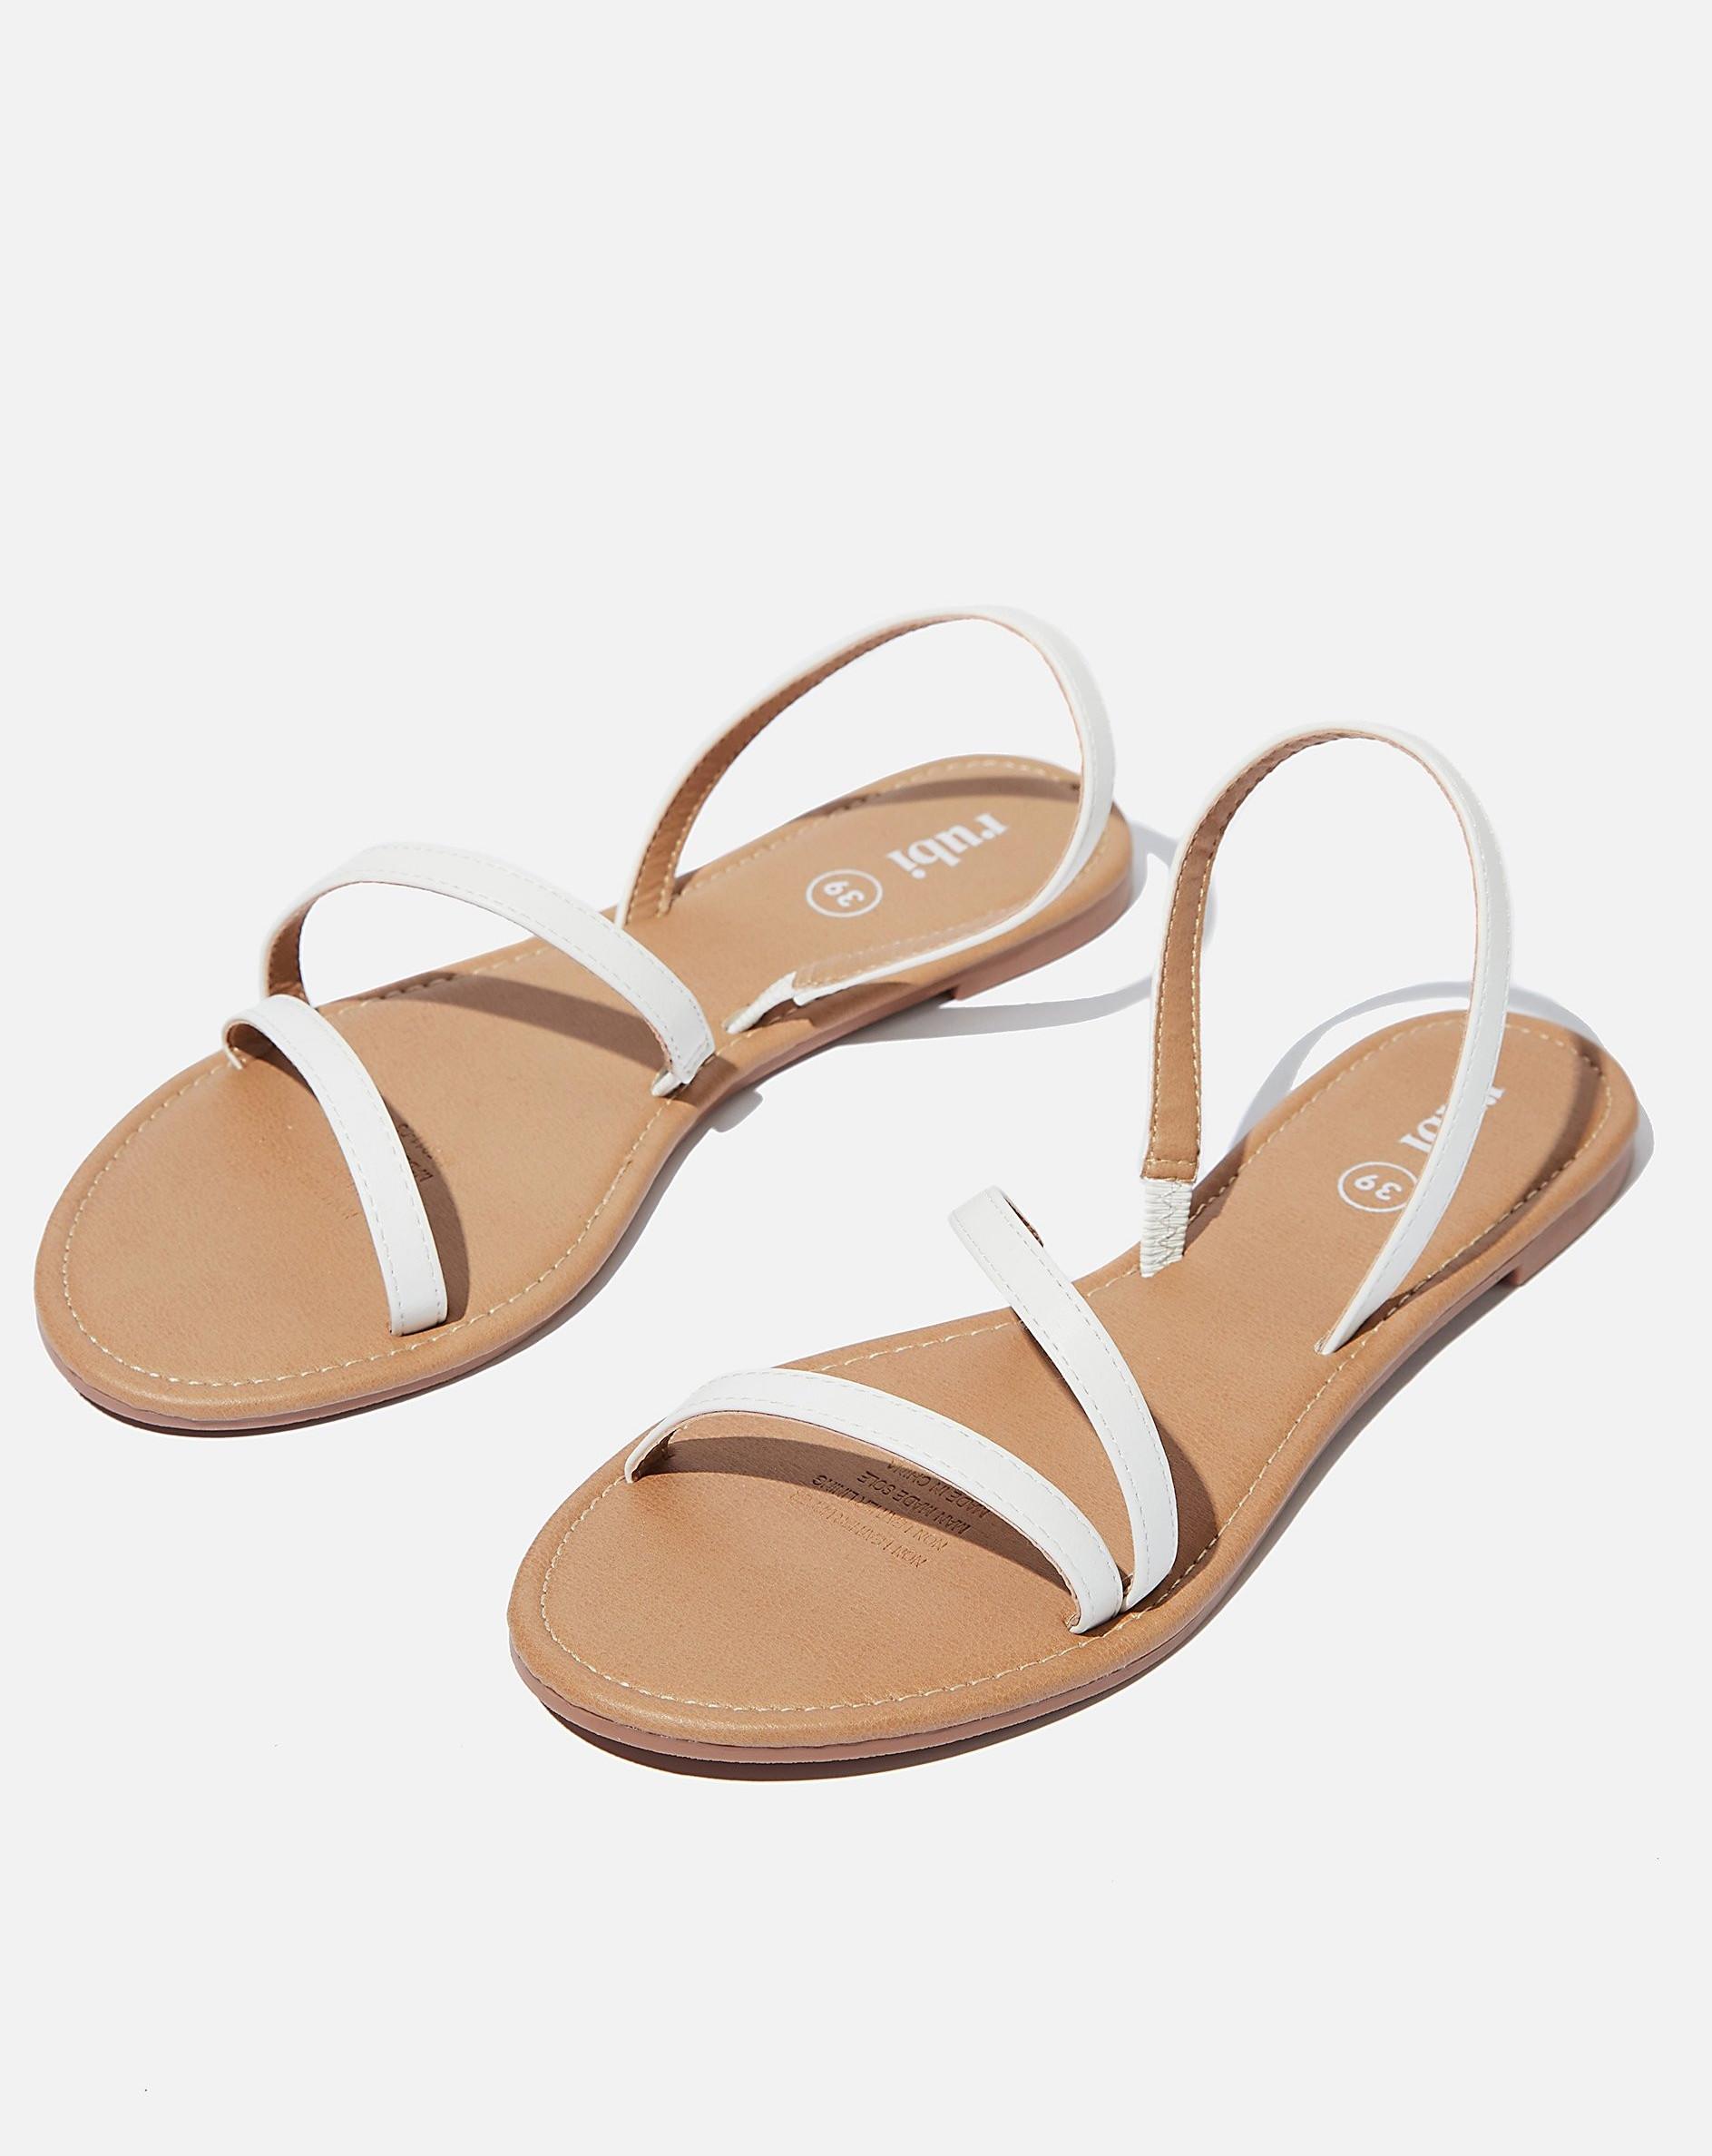 Hà Trúc khoe đôi sandals bệt cực xinh và êm chân, nhiều chị em xem xong sẽ muốn mua theo ngay - Ảnh 6.